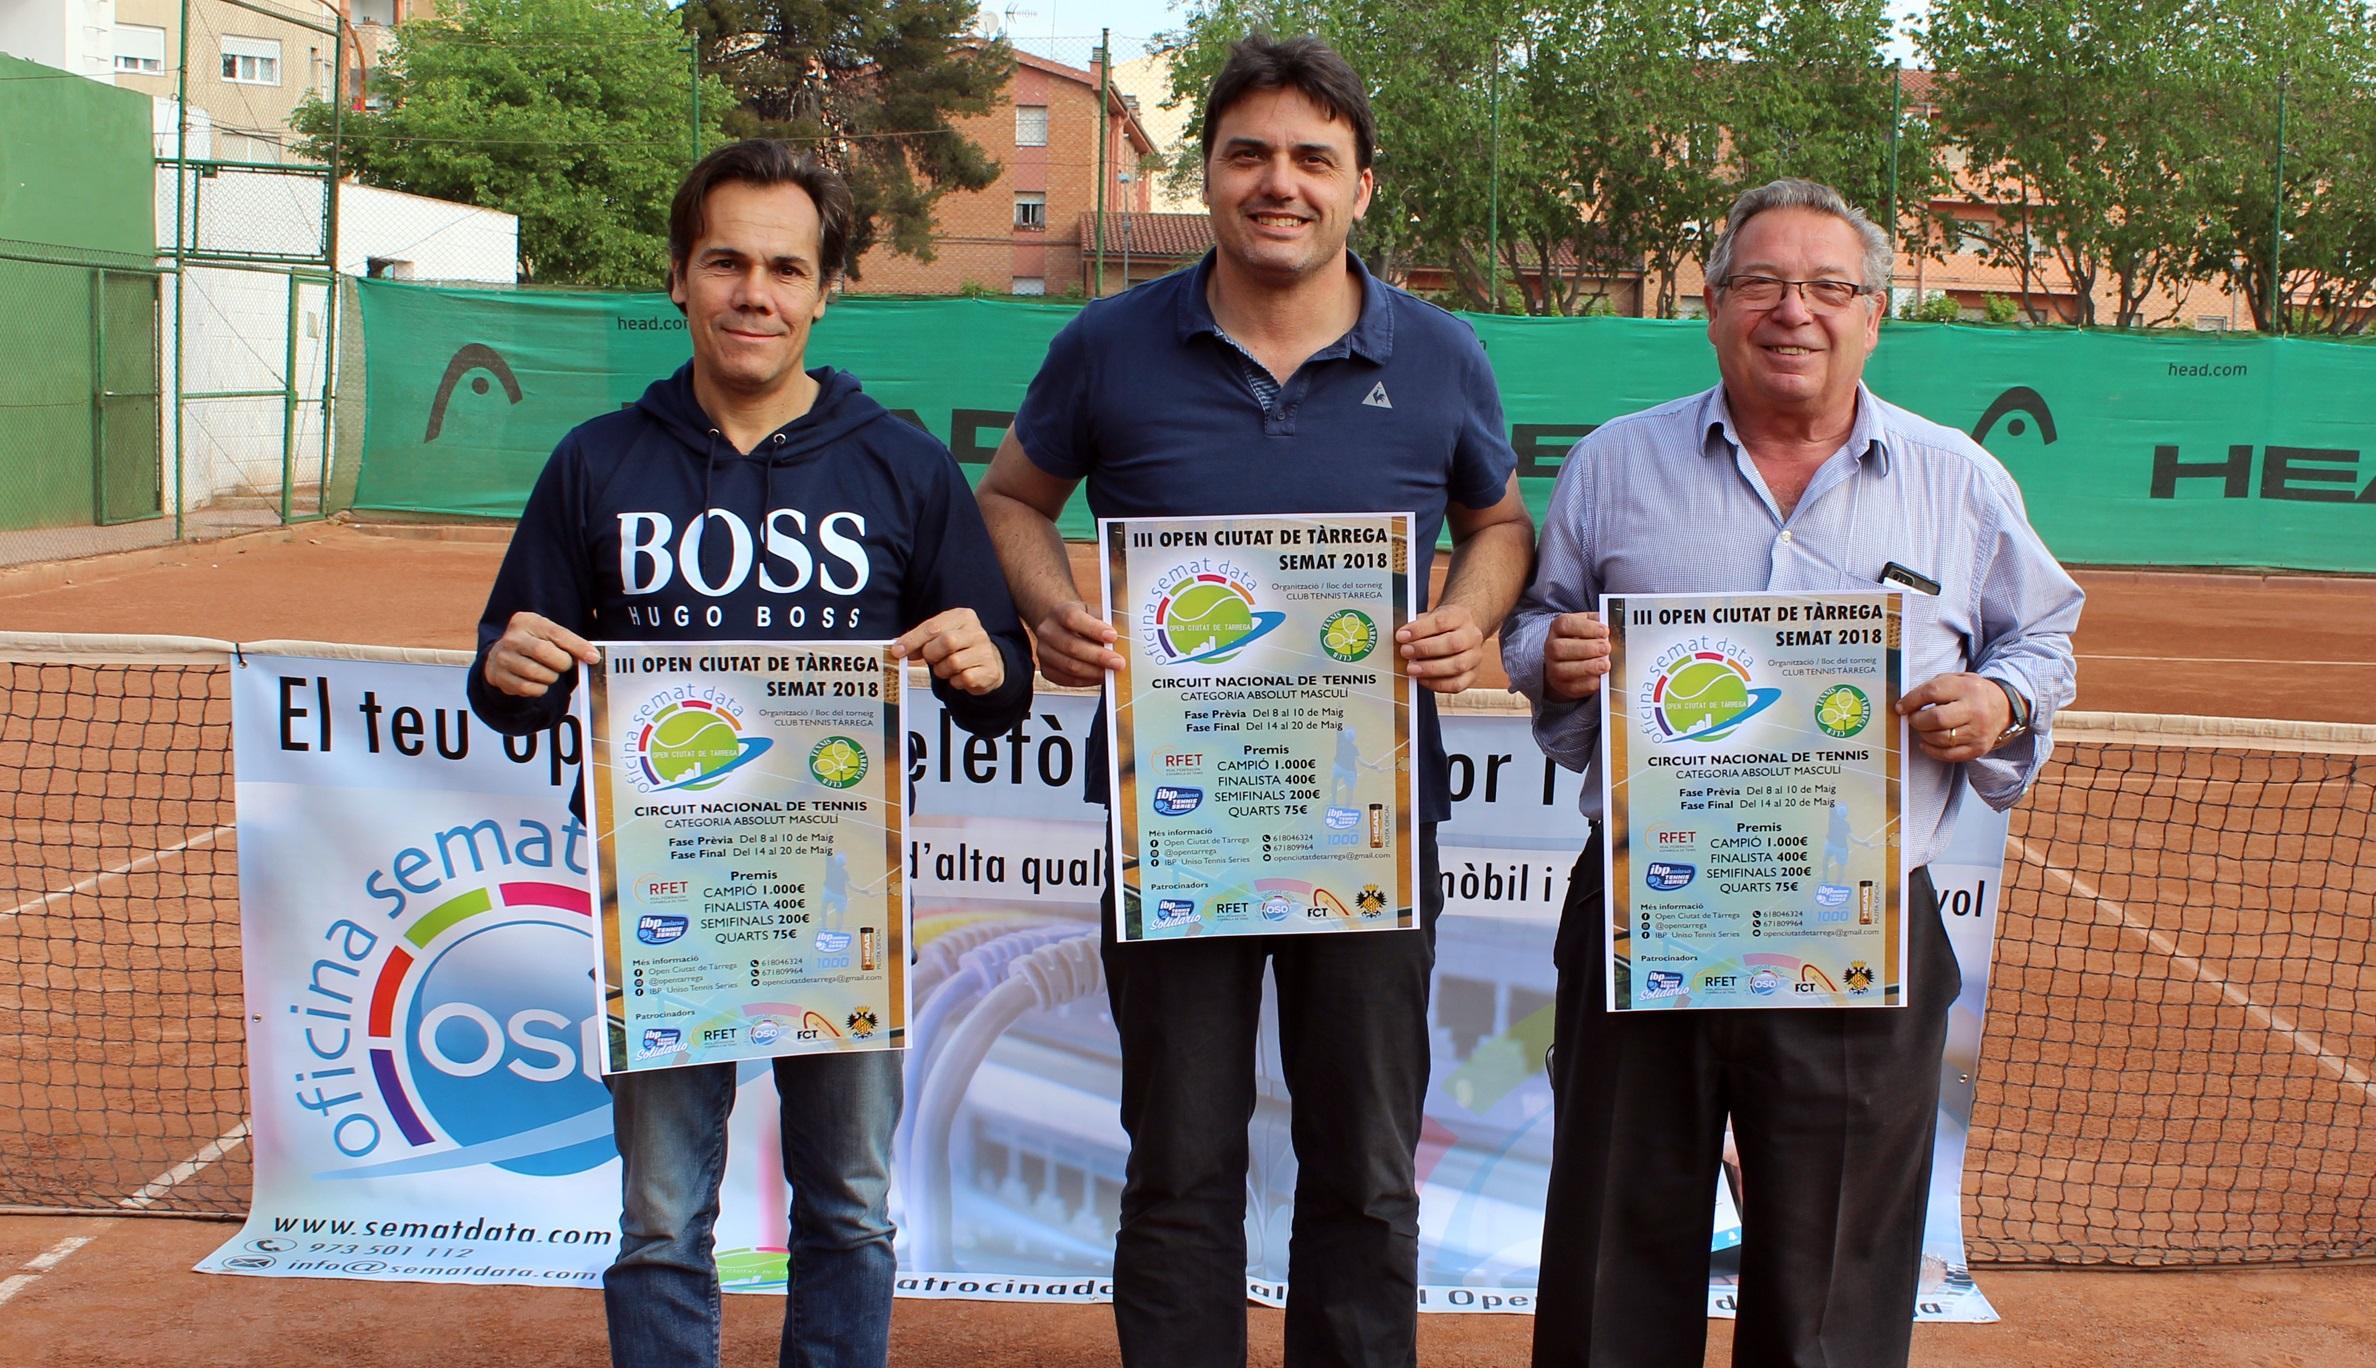 Tàrrega serà seu per primera vegada del Circuit Nacional de Tennis en la categoria absolut masculí, del 12 al 20 de maig